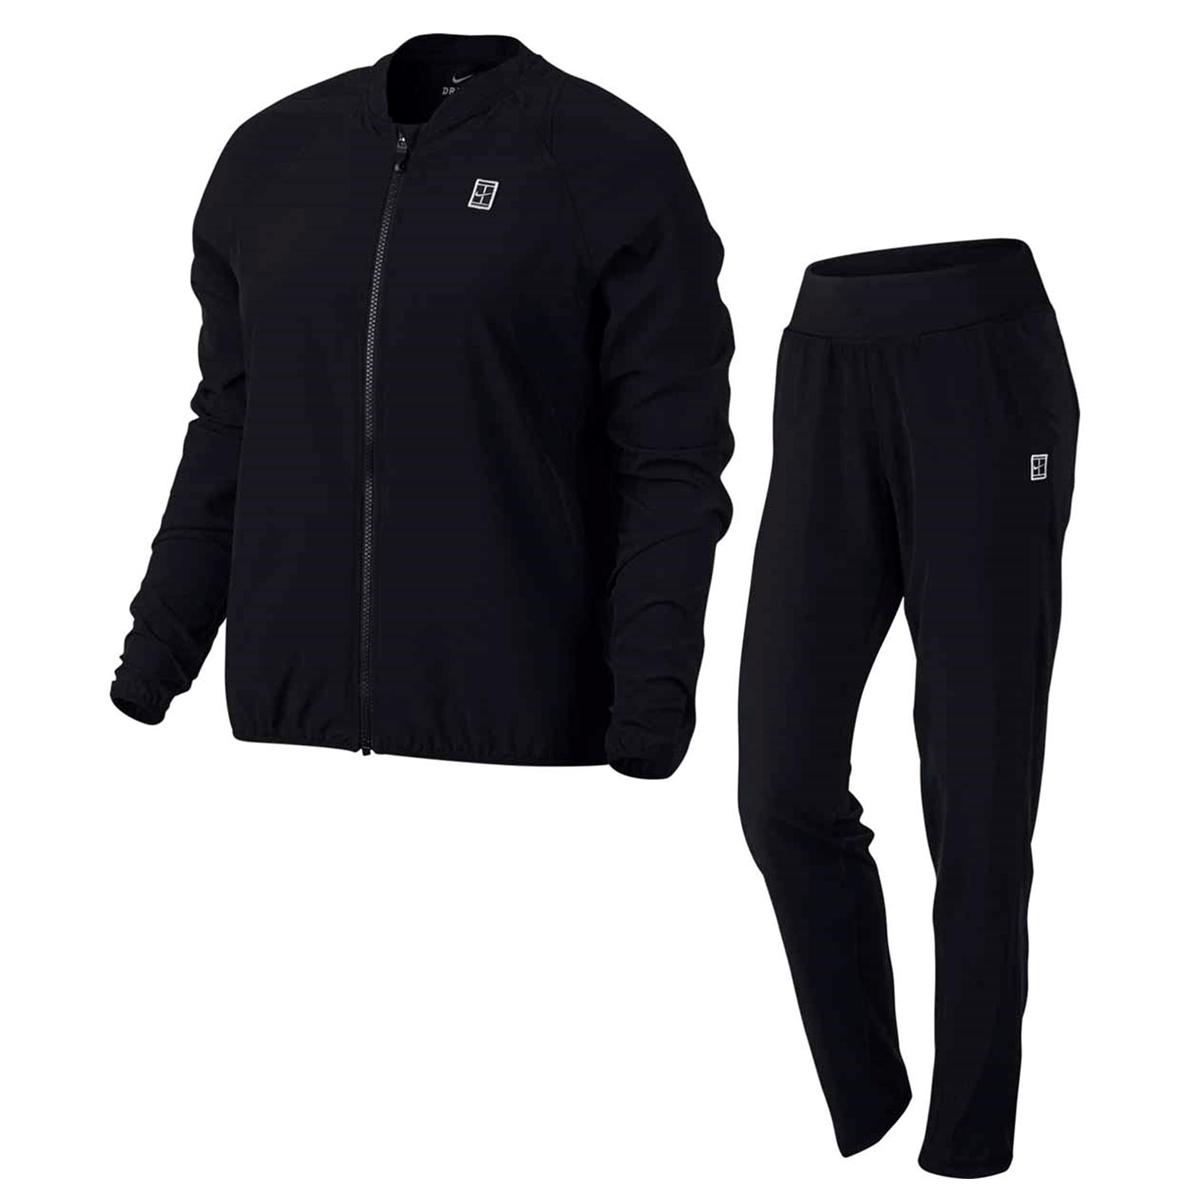 1d4ca5d787c Nike Court Woven Warm Up Tennis Trainingspak ZWART/WIT online kopen ...